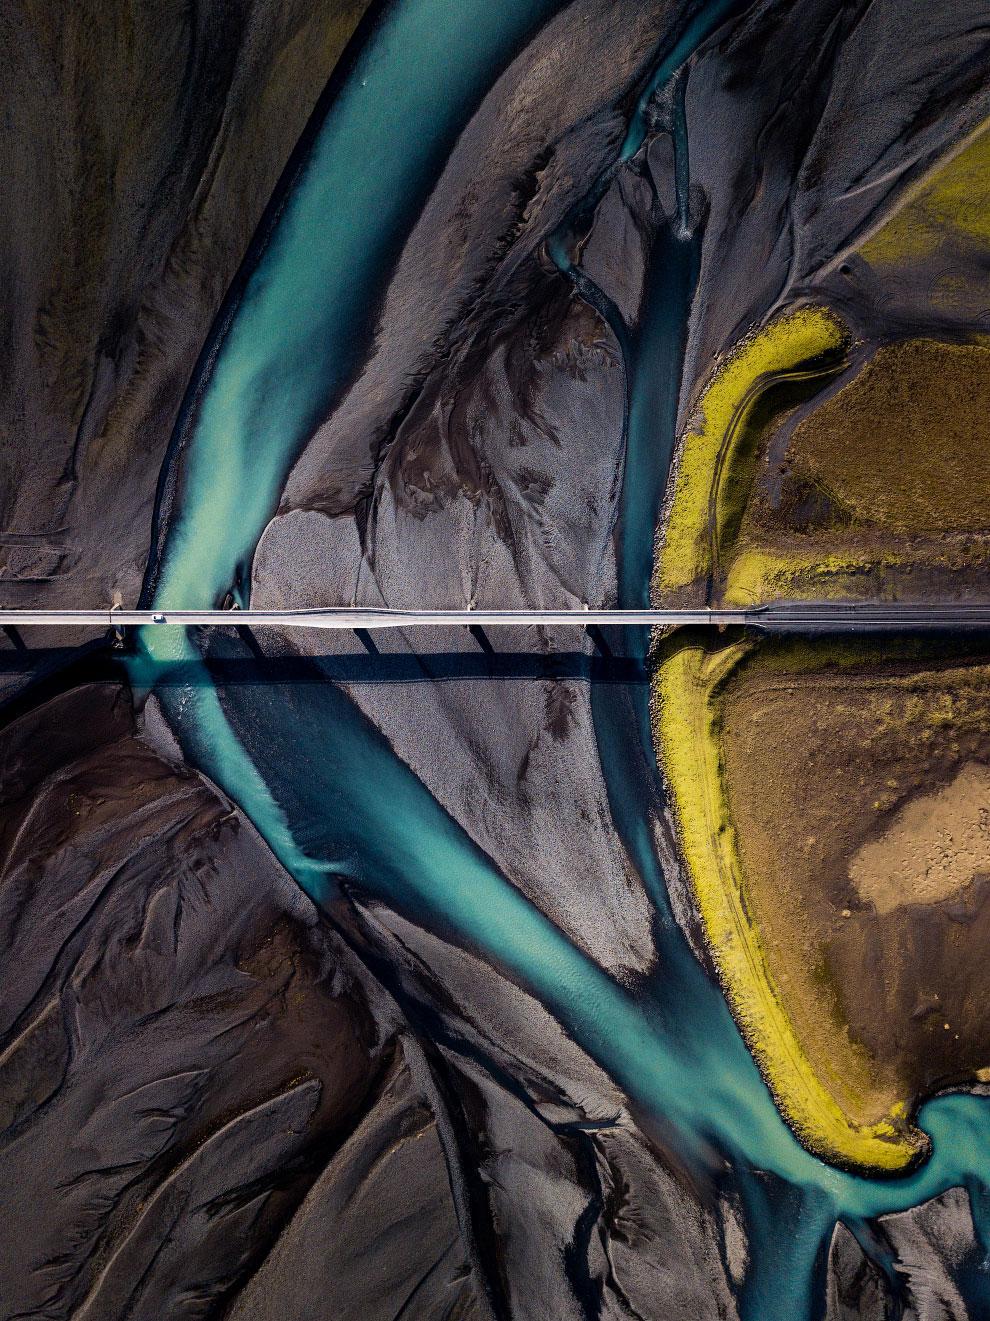 Еще один космический пейзаж из Исландии